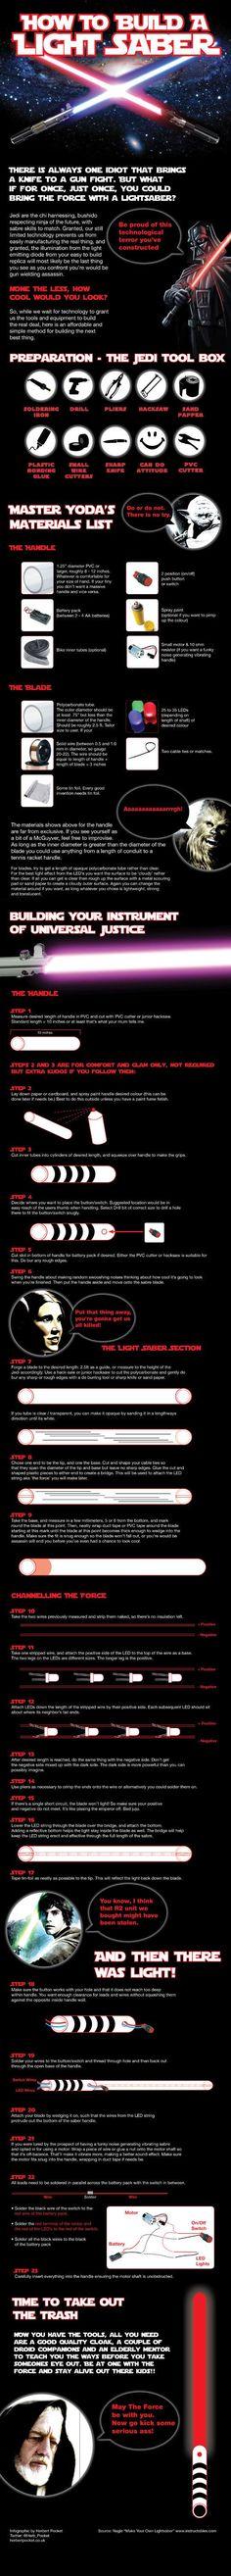 DIY your own light saber!